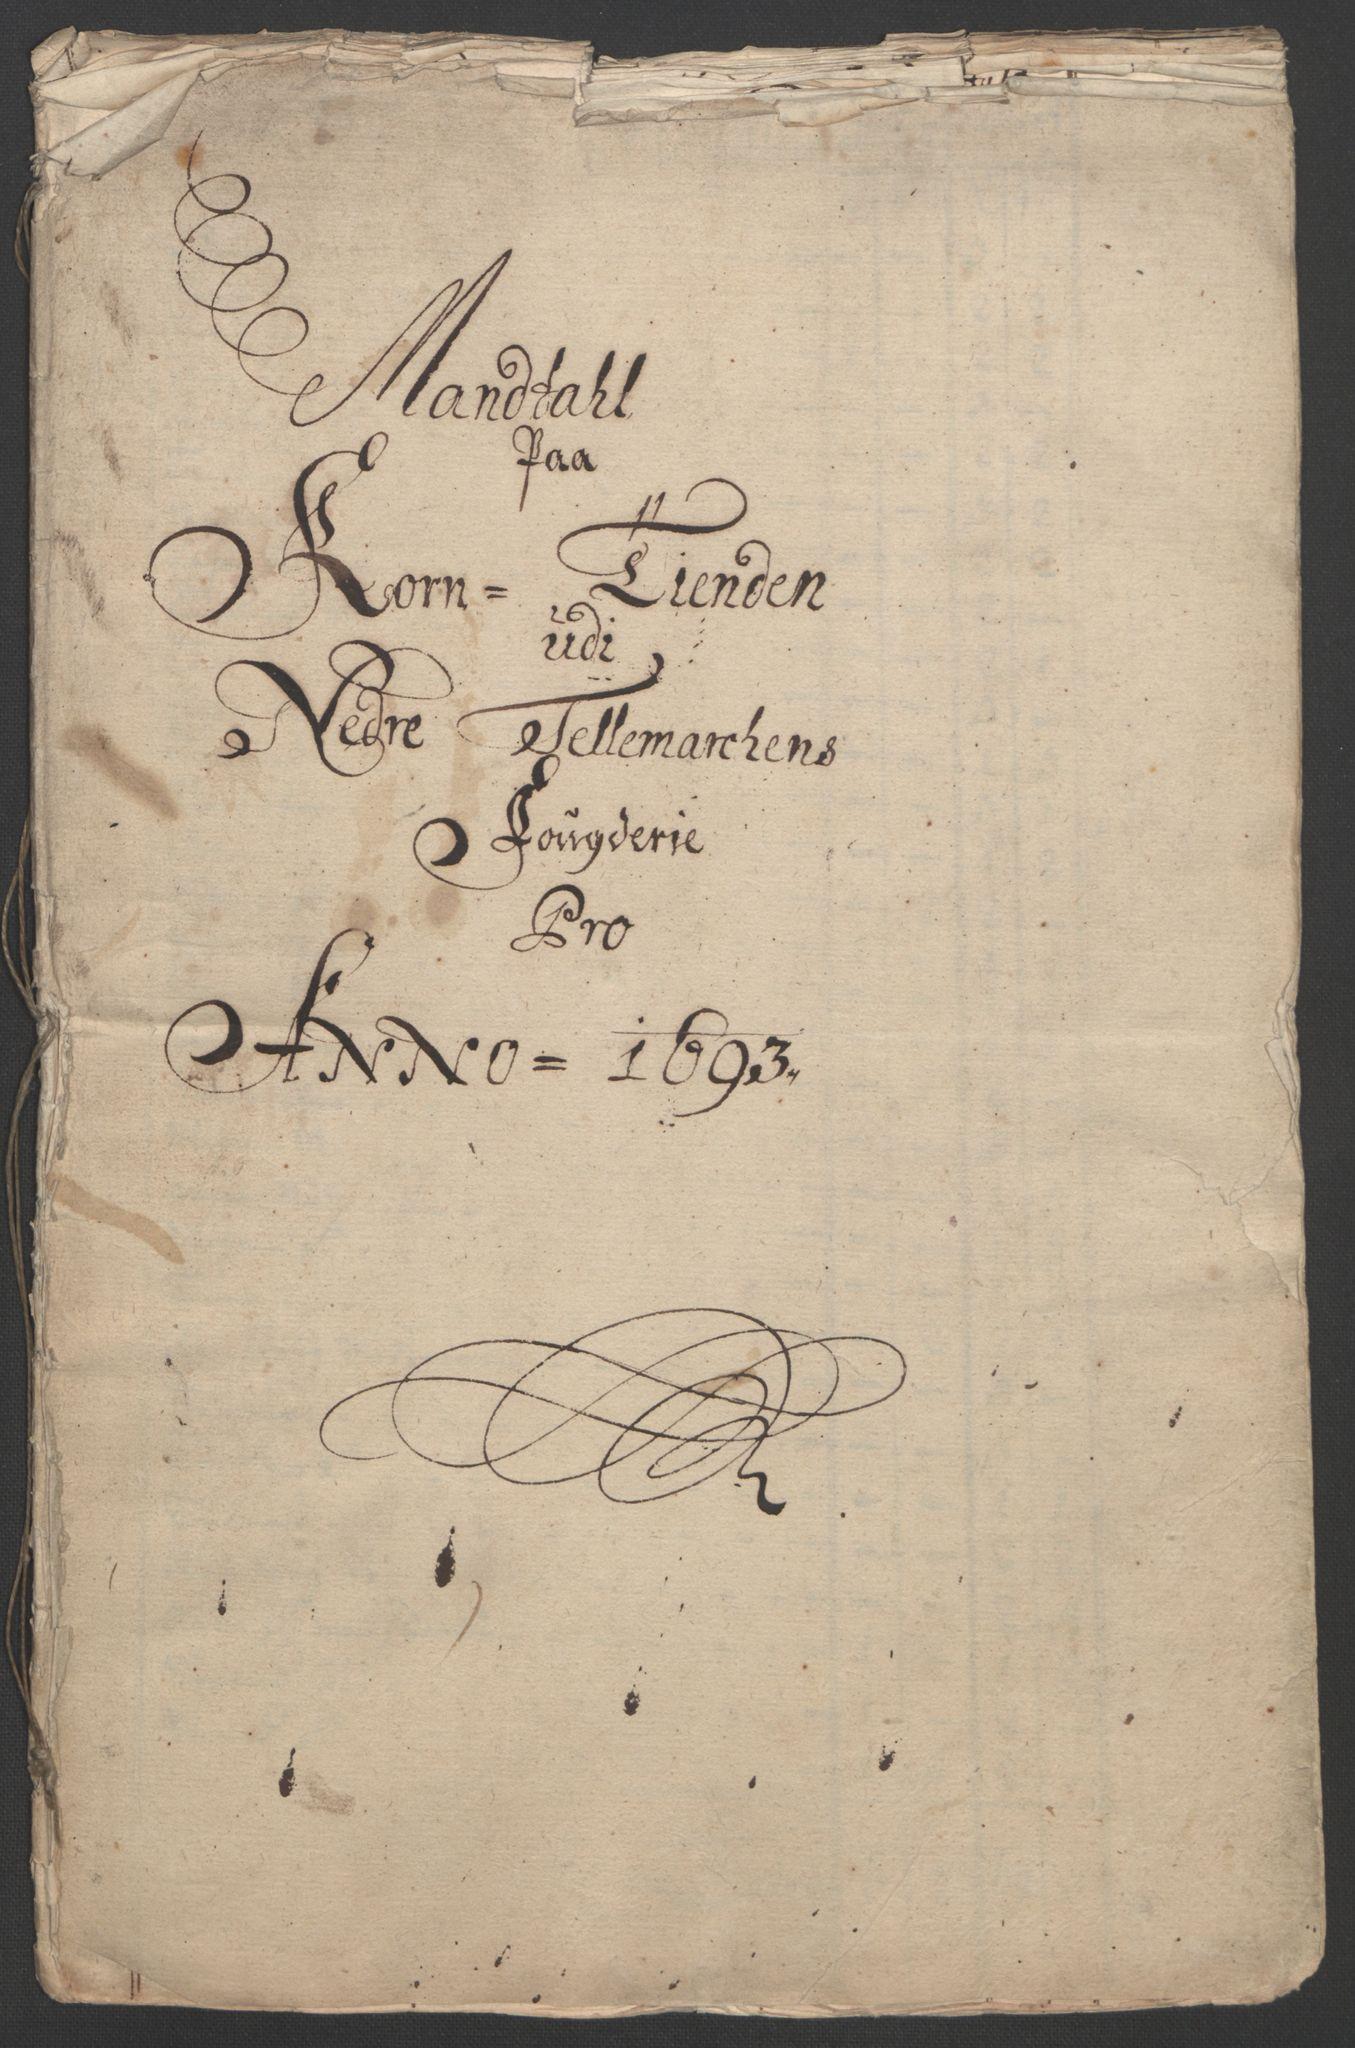 RA, Rentekammeret inntil 1814, Reviderte regnskaper, Fogderegnskap, R35/L2091: Fogderegnskap Øvre og Nedre Telemark, 1690-1693, s. 251